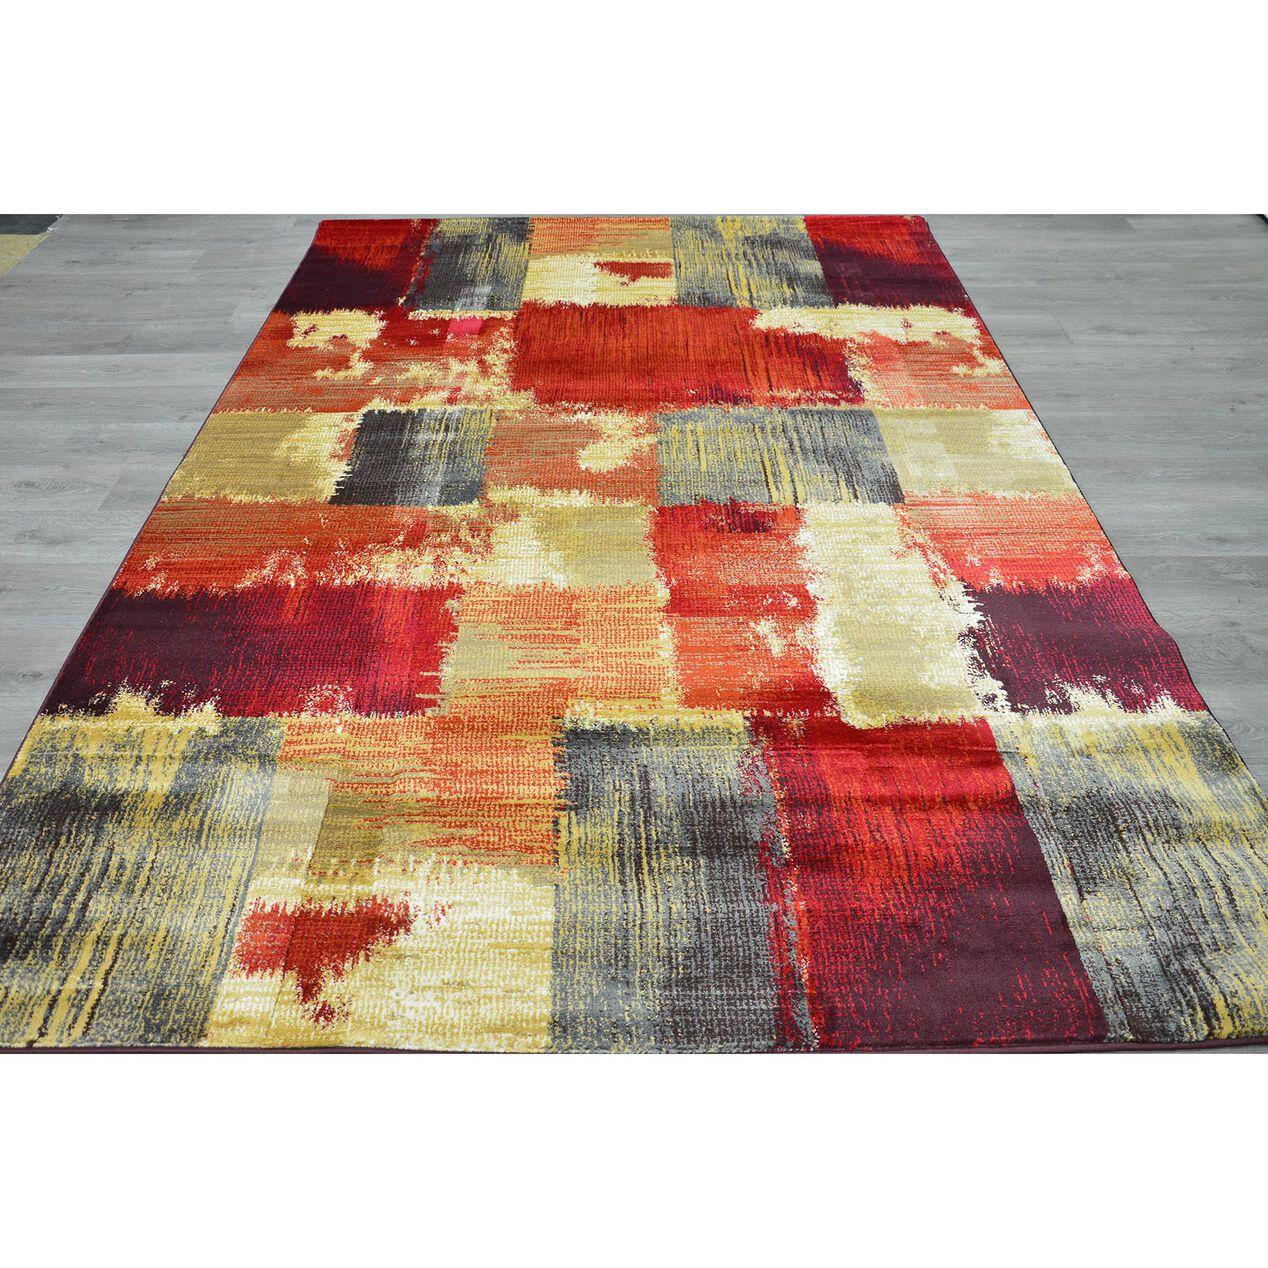 Area rugs garden ridge november 2006 cootiehog treasure garden ridge charcoal rug rg 401 388 - Garden ridge home decor ...